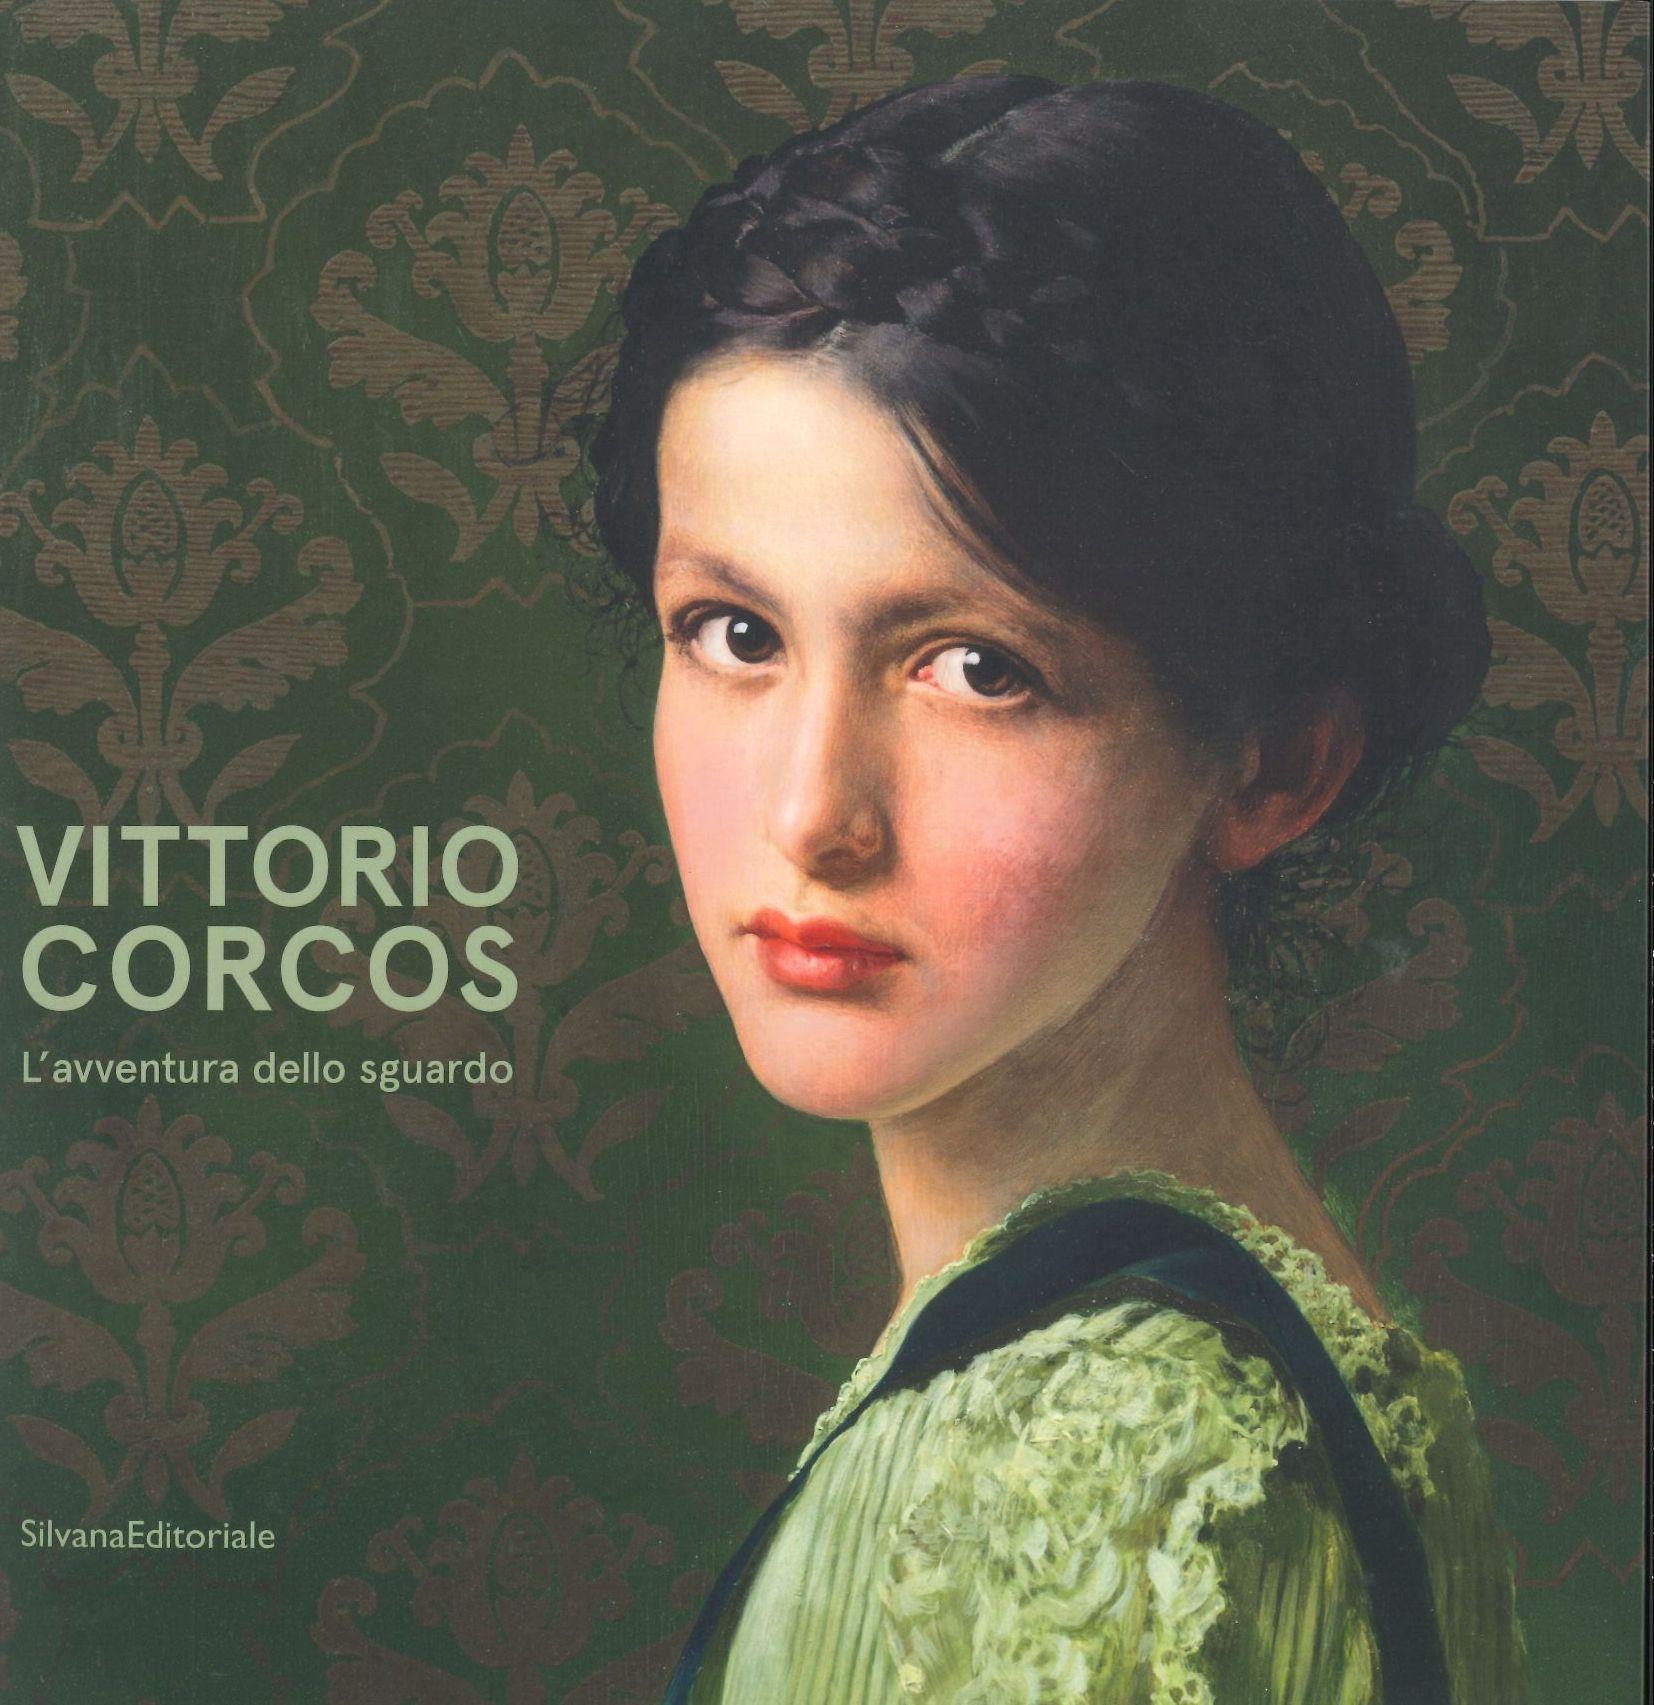 Vittorio Corcos. L'avventura dello sguardo